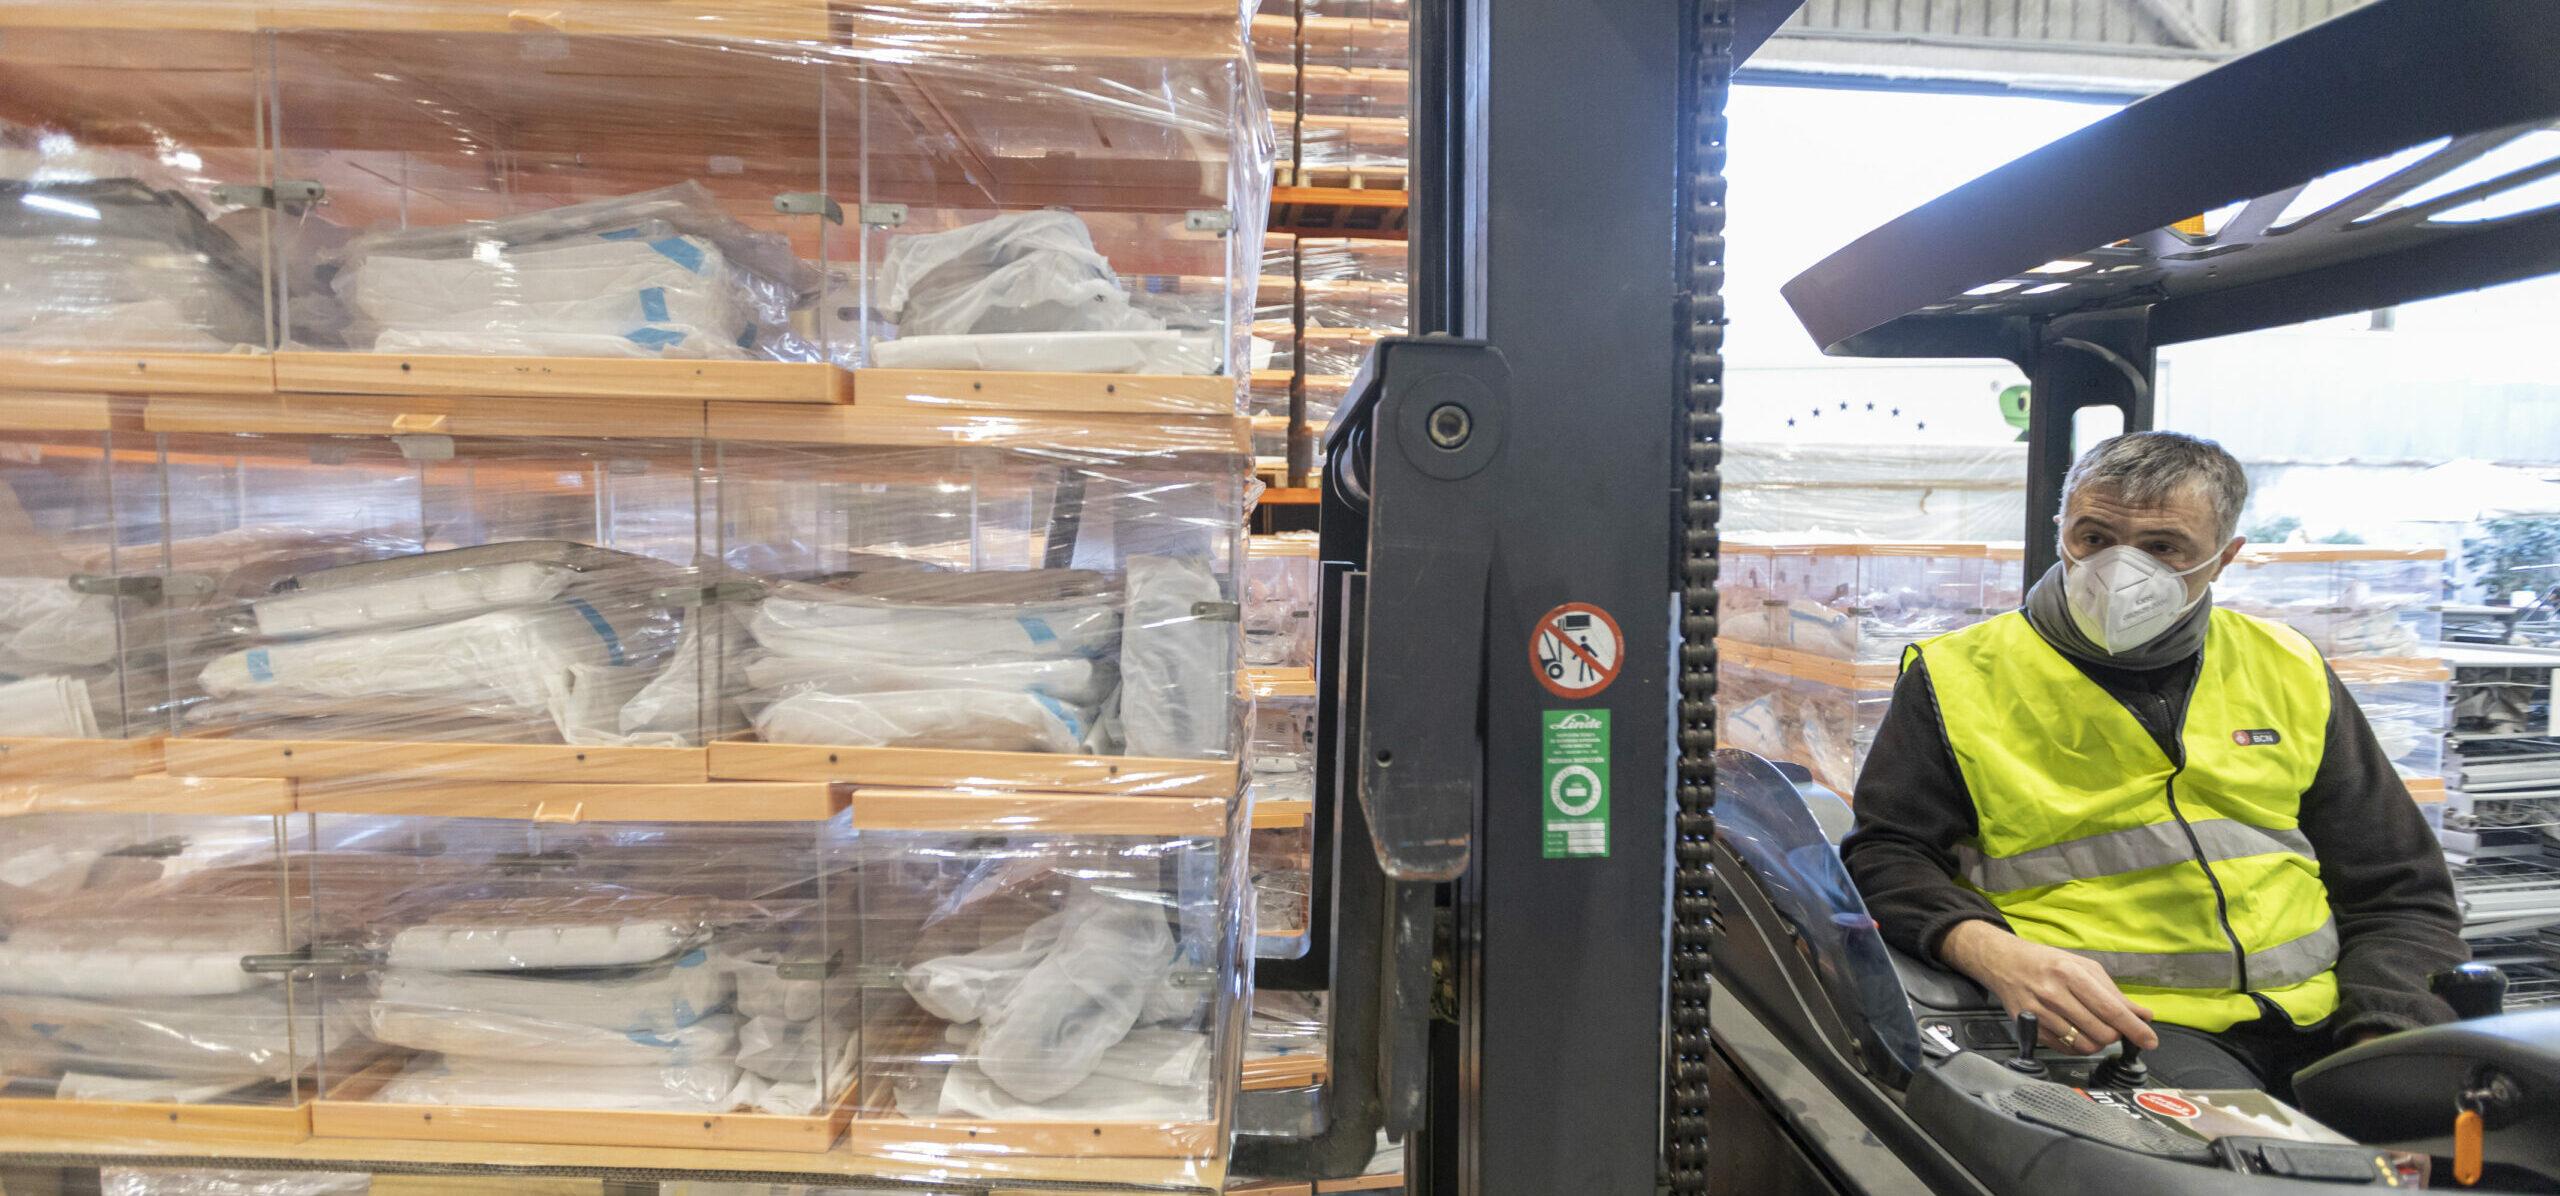 Operaris manipulant algunes de les urnes que s'utilitzaran a Barcelona en les eleccions del 14-F   ACN